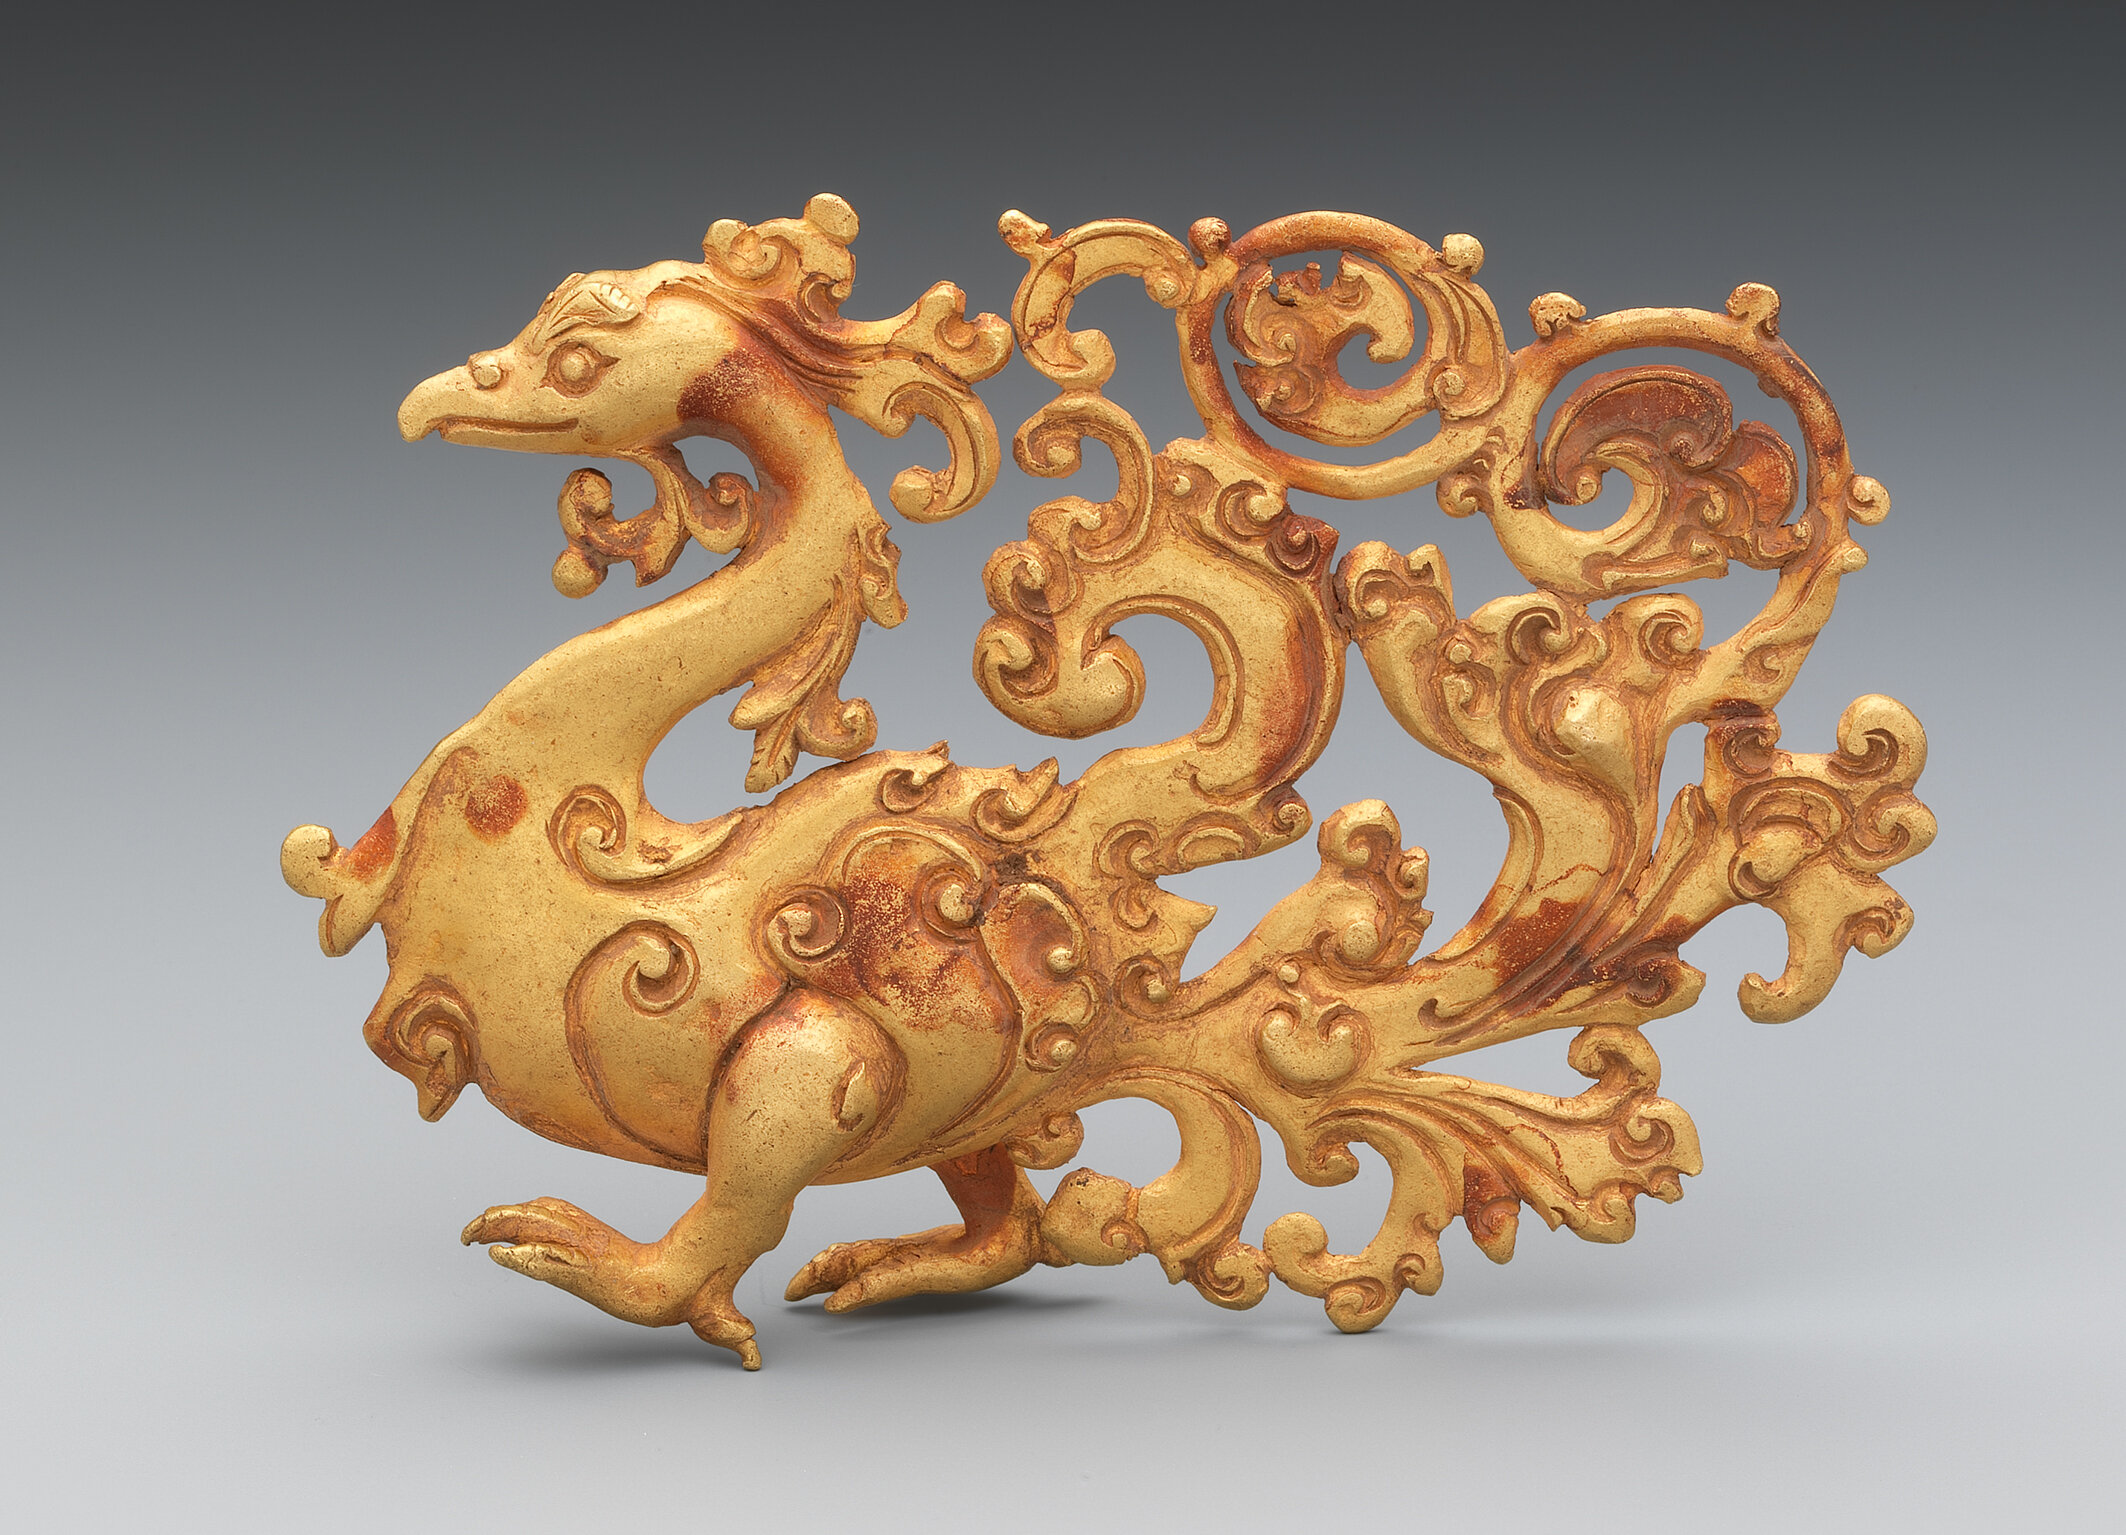 Stolzierender Vogel Java, 7.–15. Jh. 257 g, h: 74 mm, w: 104 mm Das Relief eines stolzierenden Vogels, vermutlich ein Pfau, beweist ein extrem hohes Niveau der Goldschmiedearbeit und die atemberaubende Schönheit der Gestaltung. Während der Vogelkörper mit dem gebogenen Schnabel und den langen Beinen naturalistisch dargestellt ist, wurde das Schwanzgefieder ornamental mit Arabesken und gewundenen Blattformen gestaltet. © Mauro Magliani